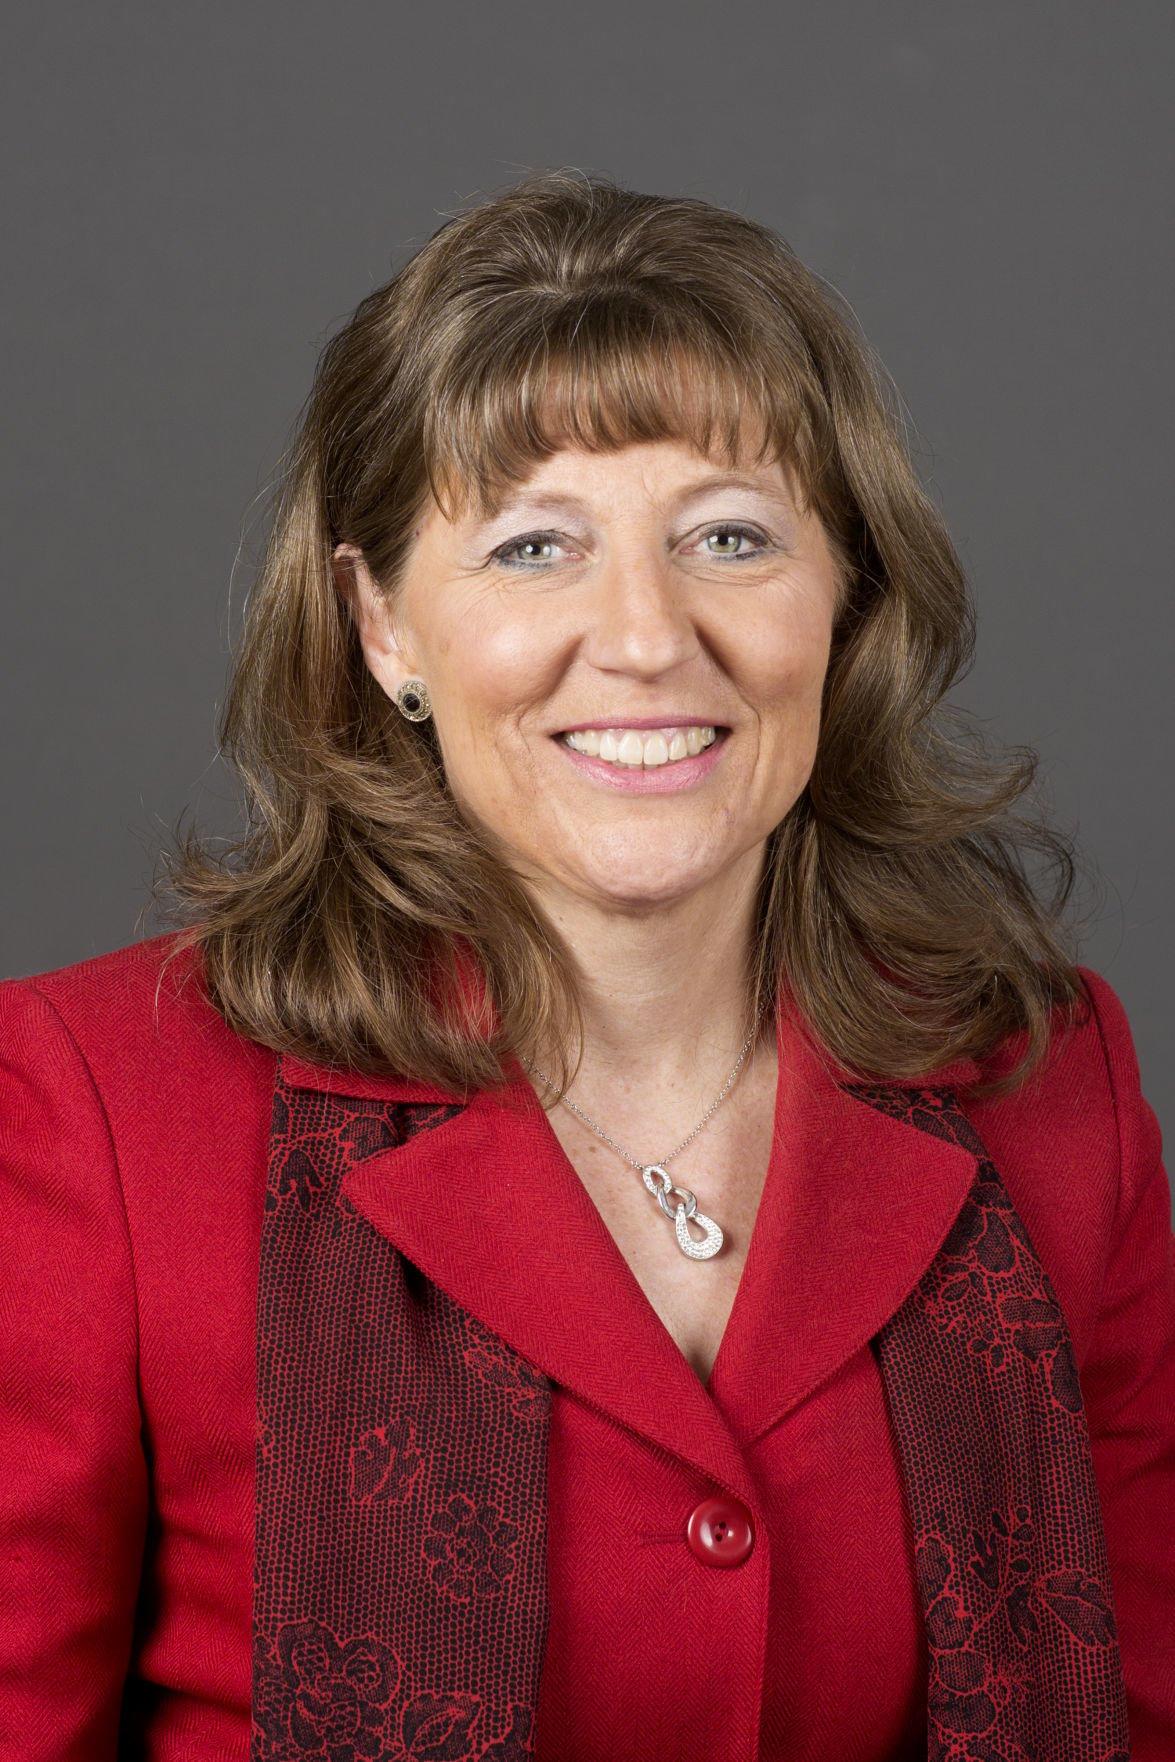 Ann Bolman